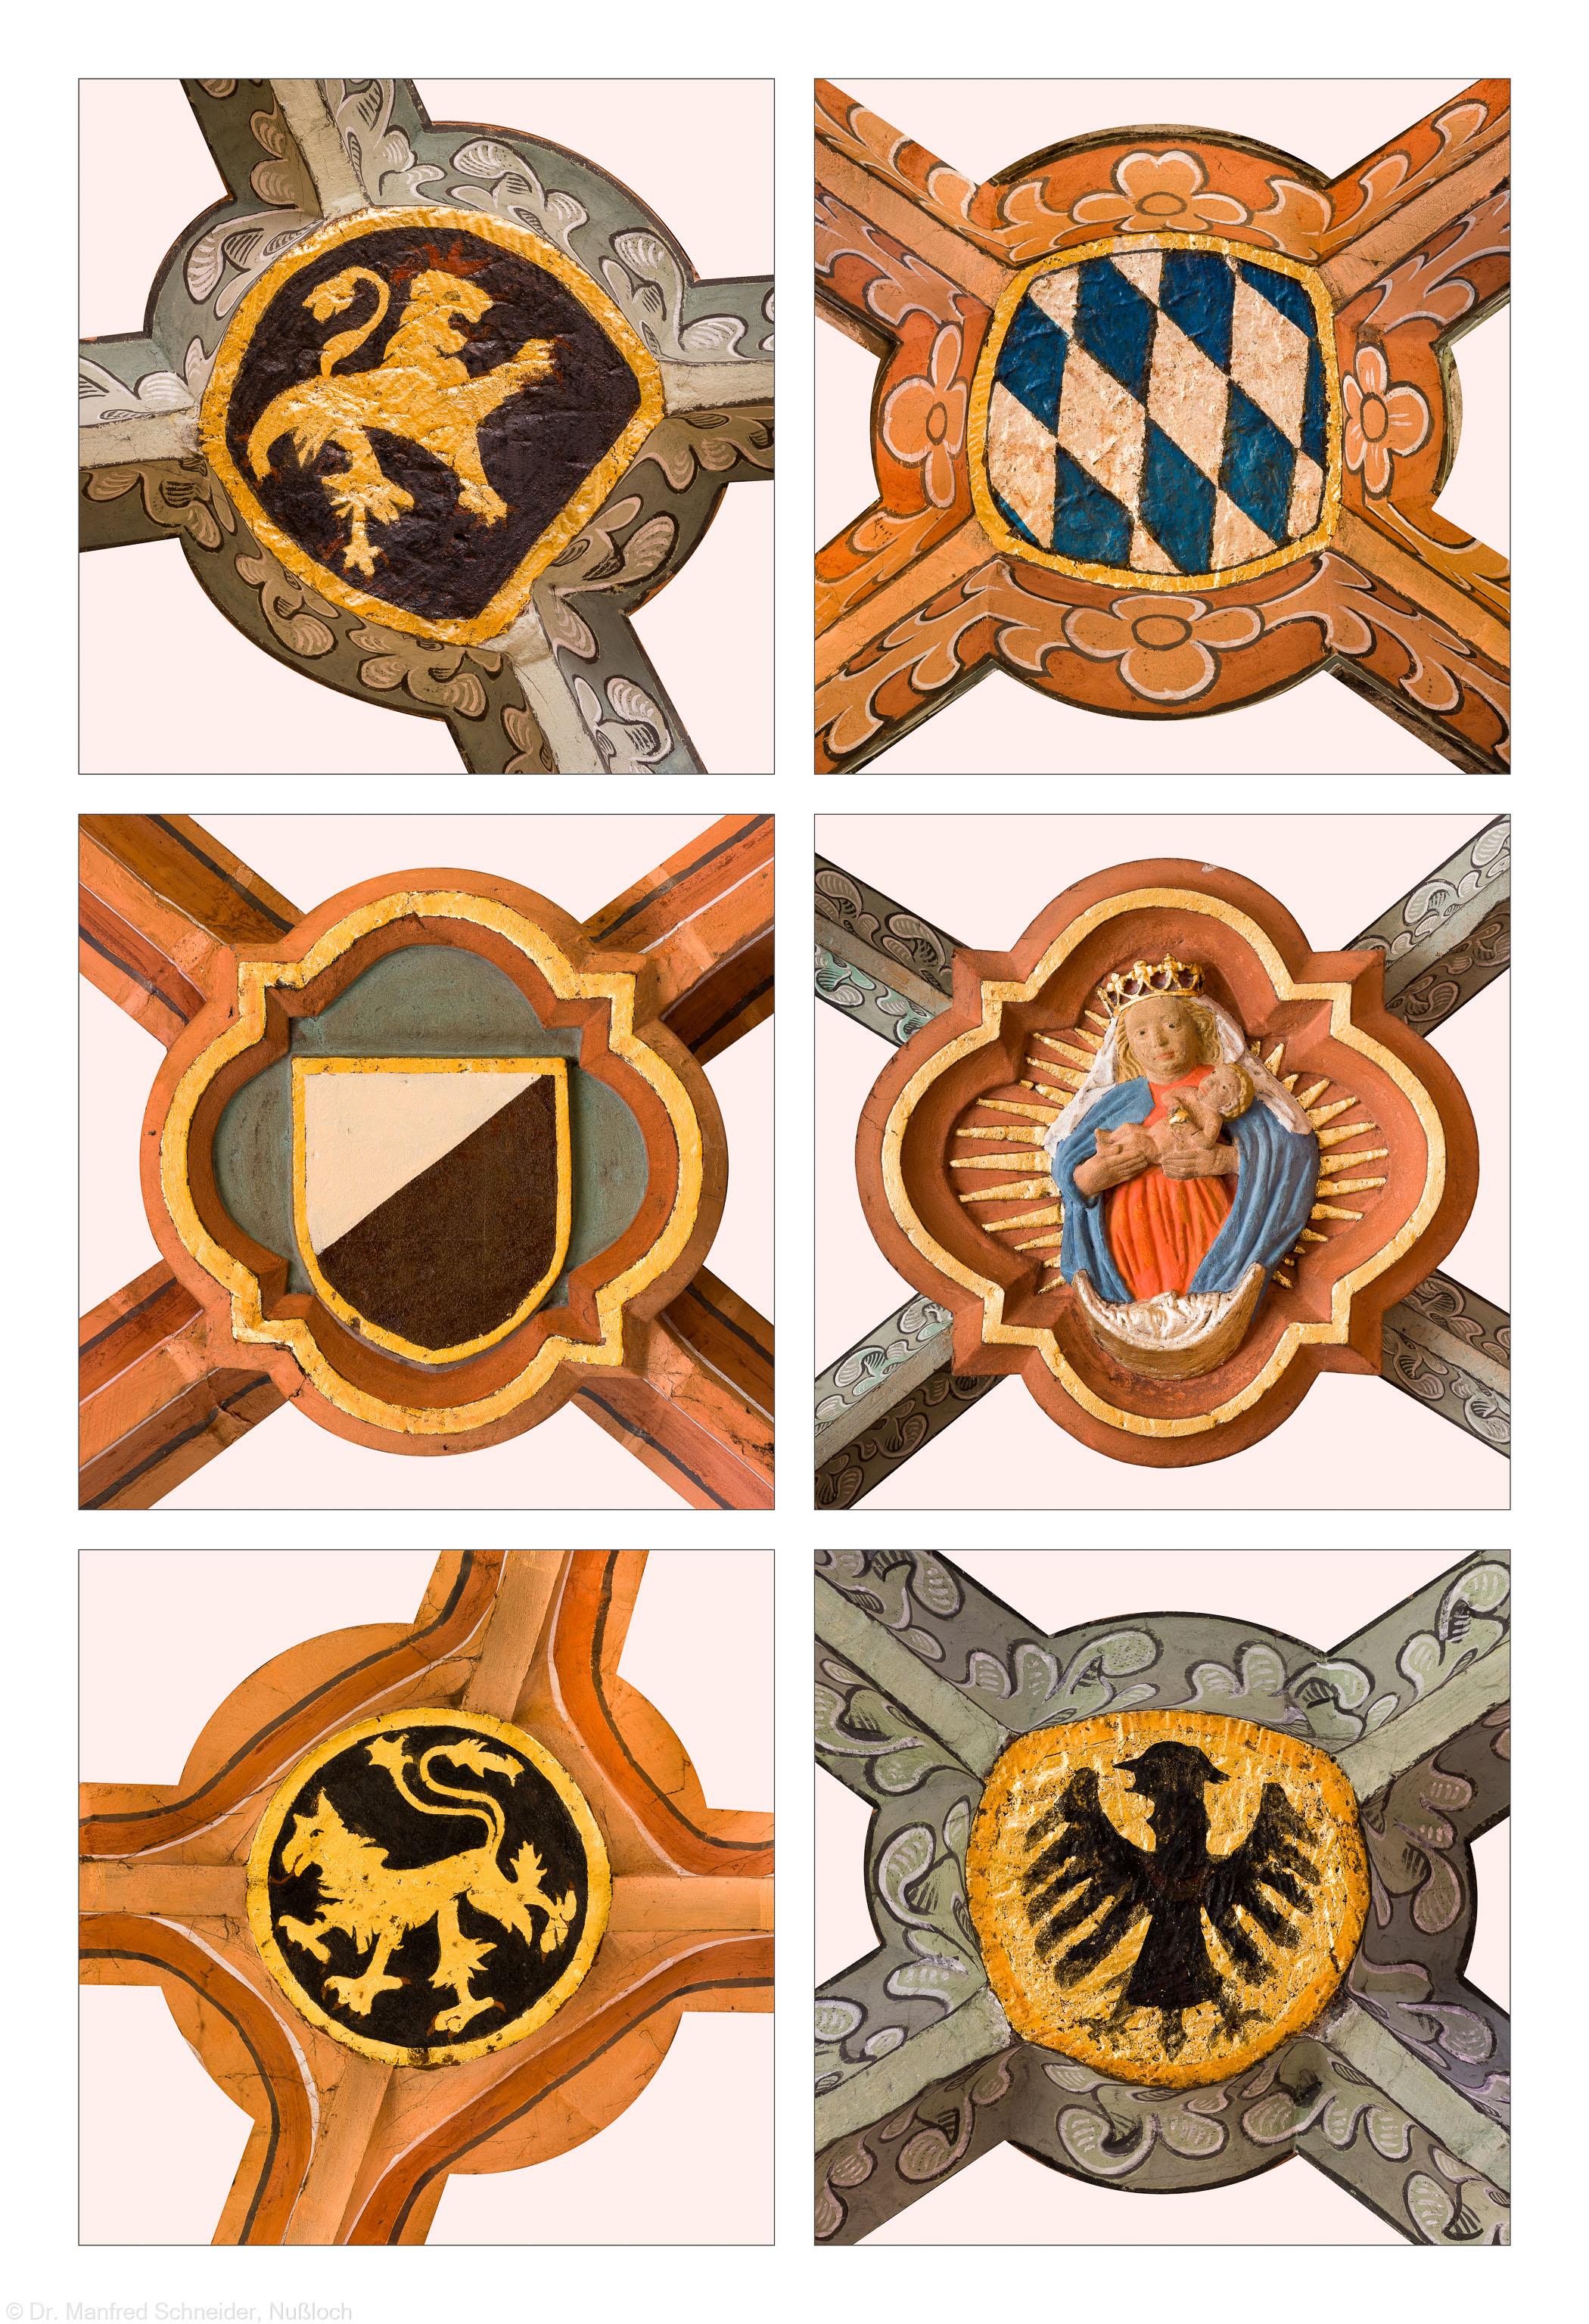 Heidelberg - Heiliggeistkirche - Südschiff - Schlußsteine, v.l.n.r.: 5., 4., 1., 6., 2. und 3. Joch, von Westen aus gezählt (aufgenommen im April 2015, nachmittags)